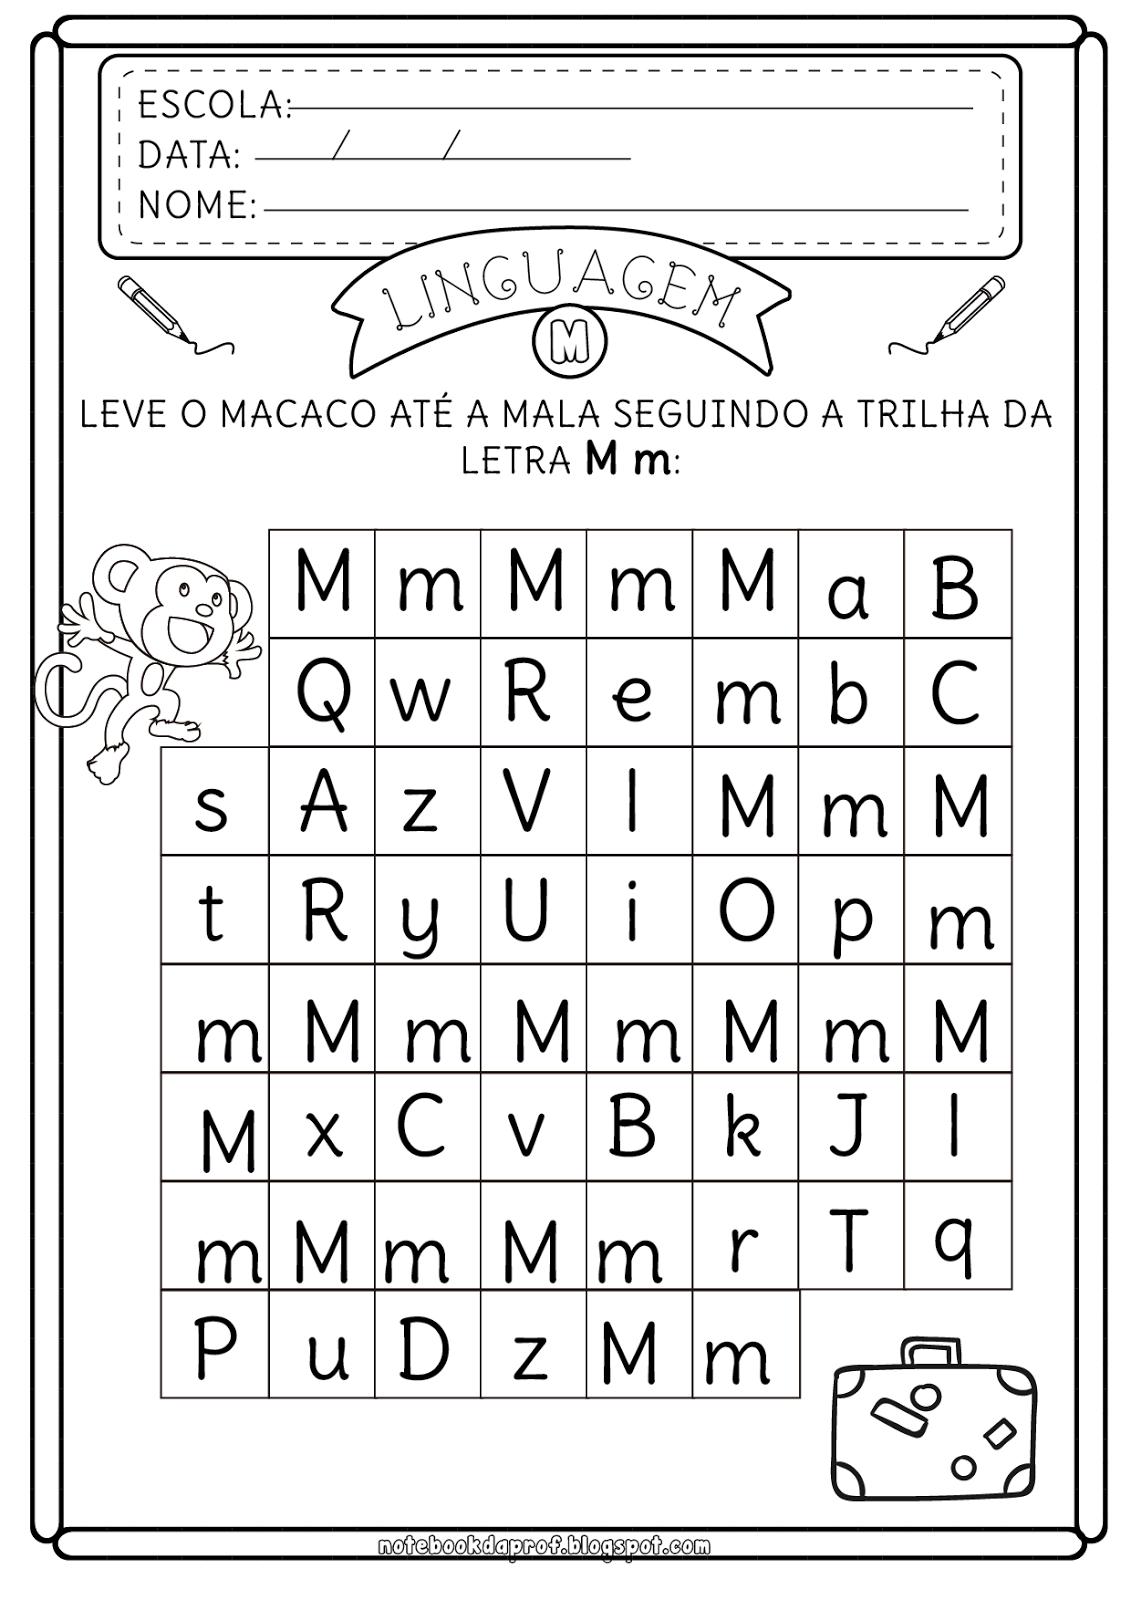 Atividades com letras M para trabalhar o conhecimento da grafia